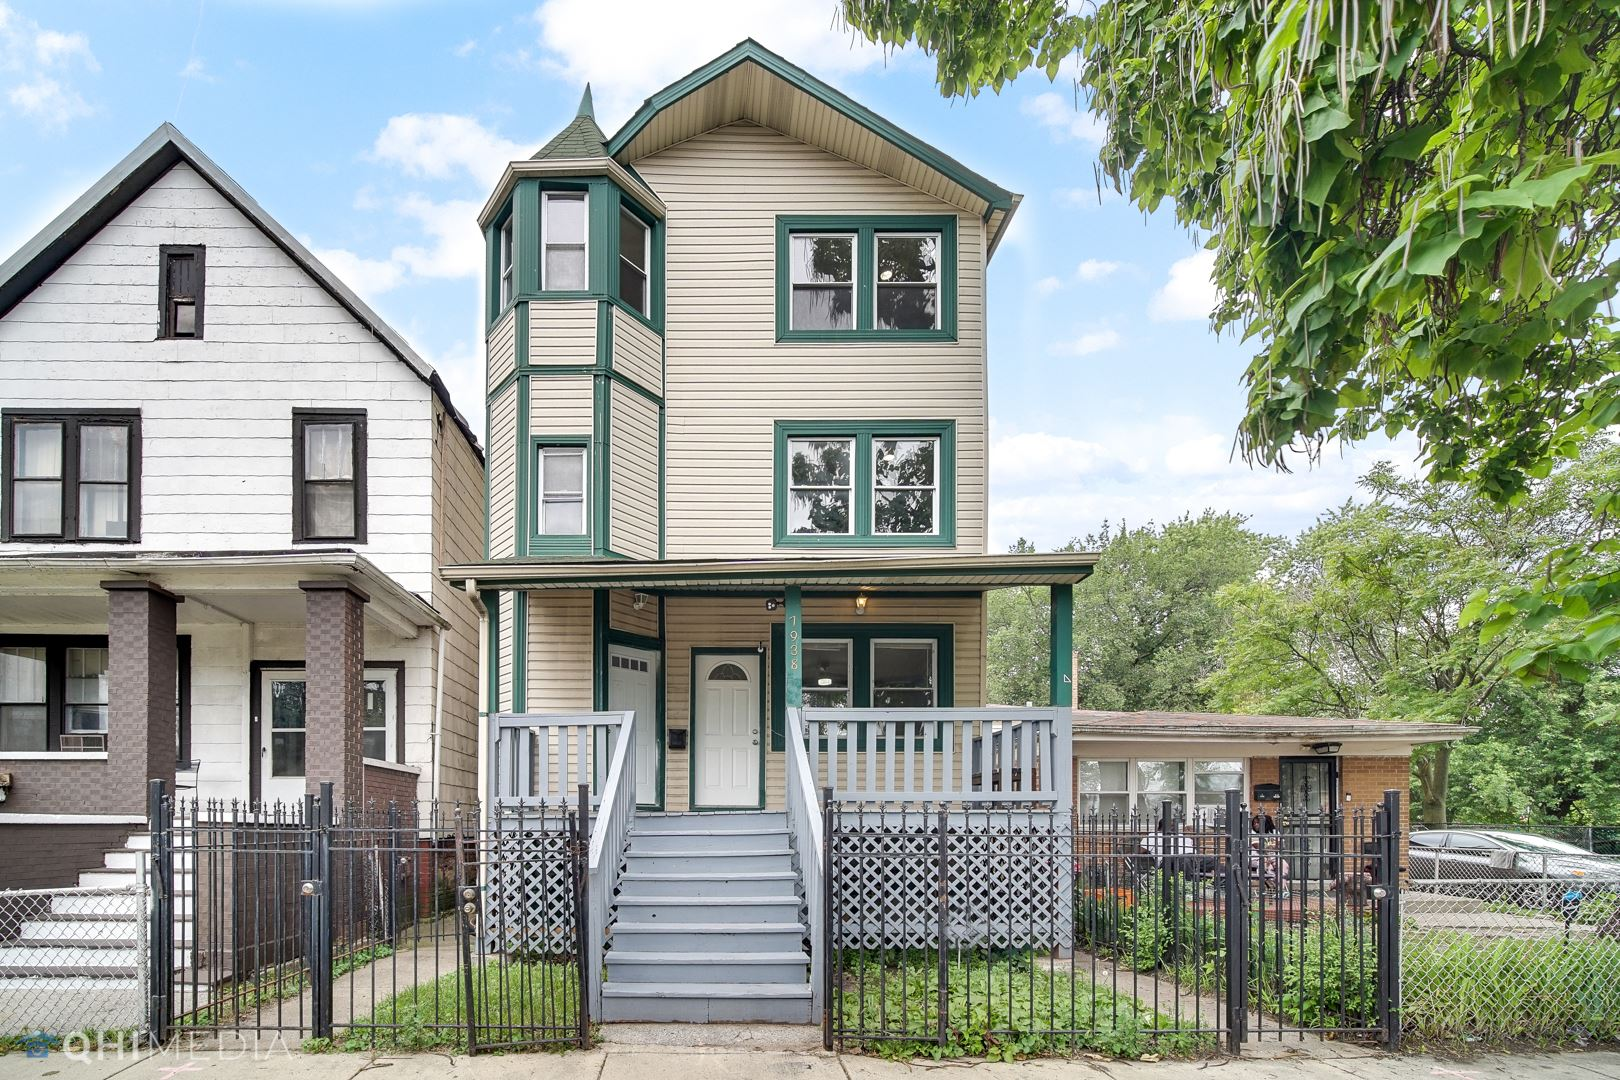 7938 S Normal Avenue, Chicago, IL 60620 - #: 11159542